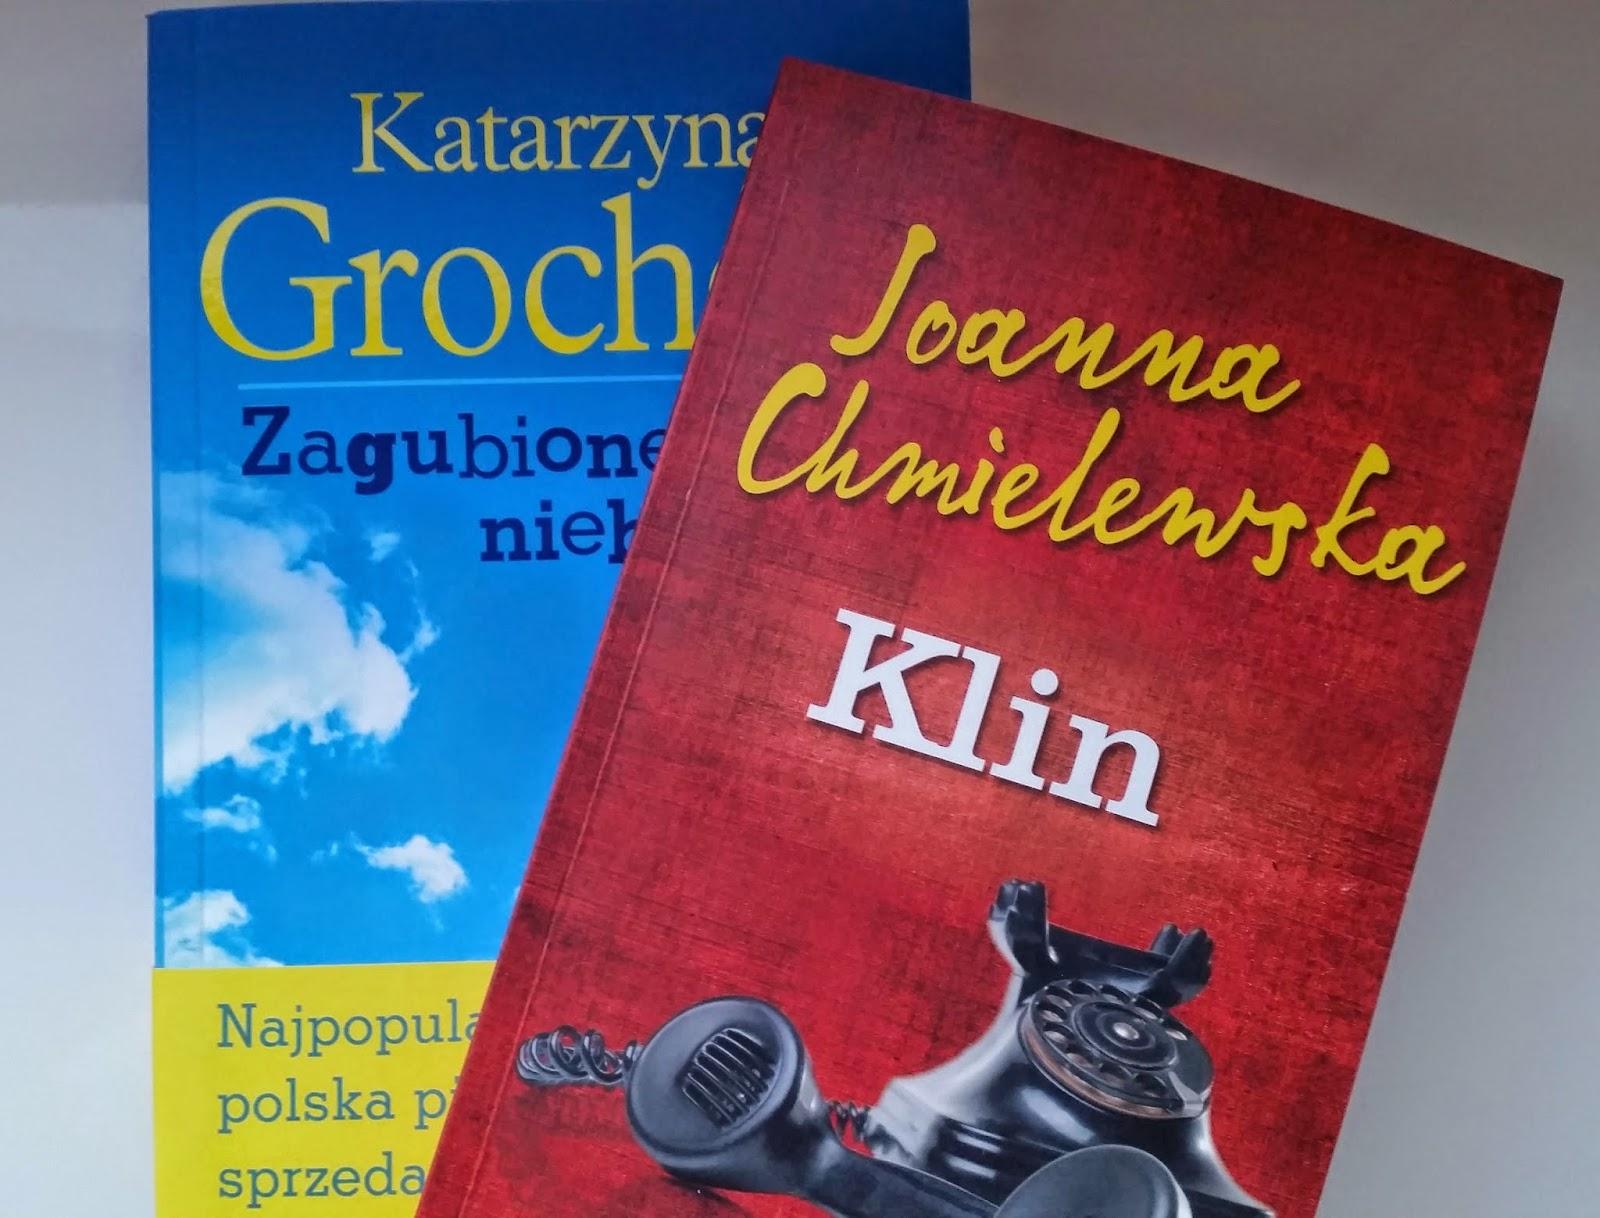 książki, Katarzyna Grochola, Joanna Chmielewska